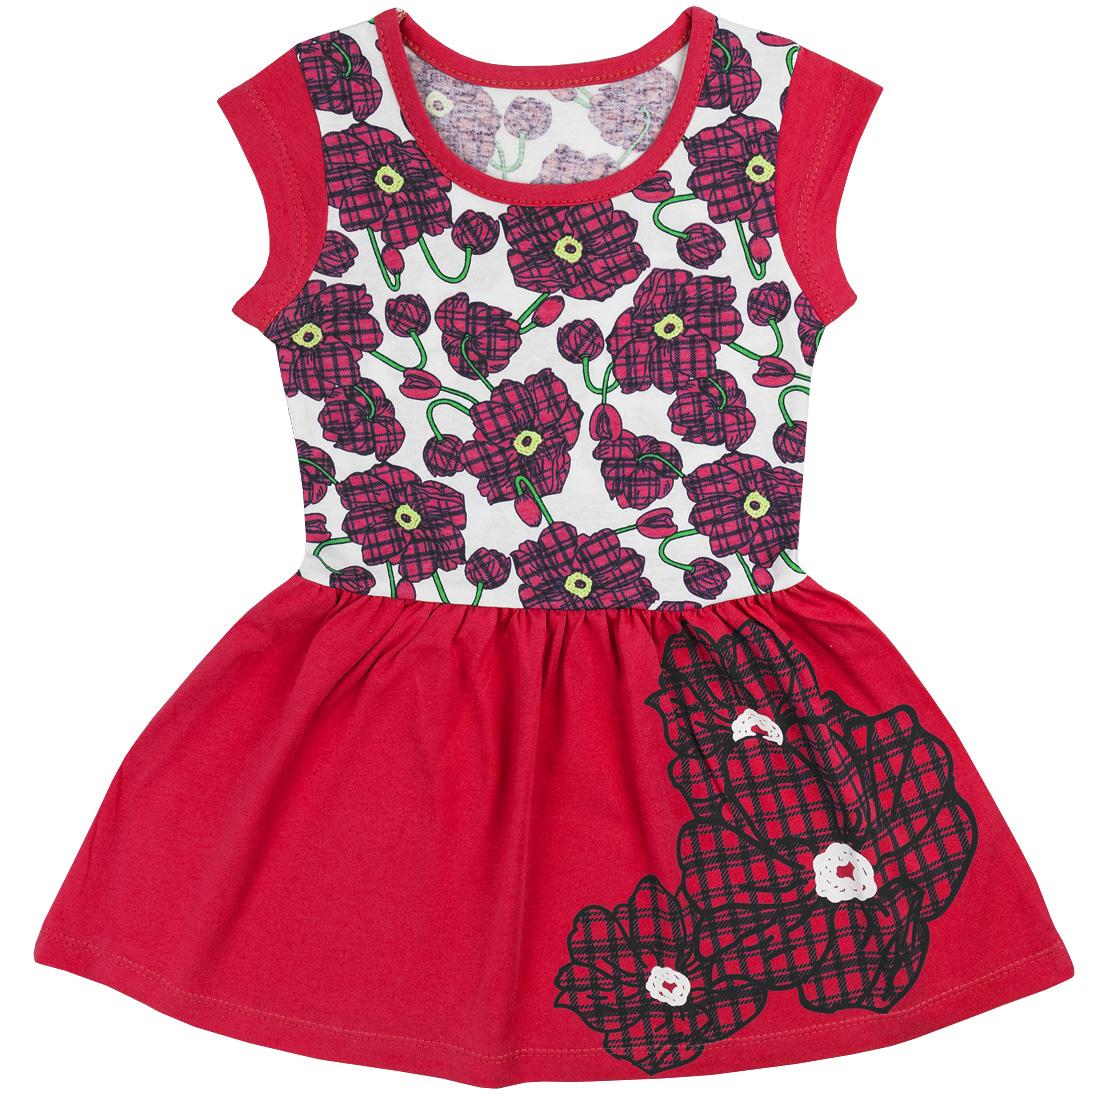 Купить 395к/к ап, Платье детское Юлла, цв. красный р. 122, Платья для девочек